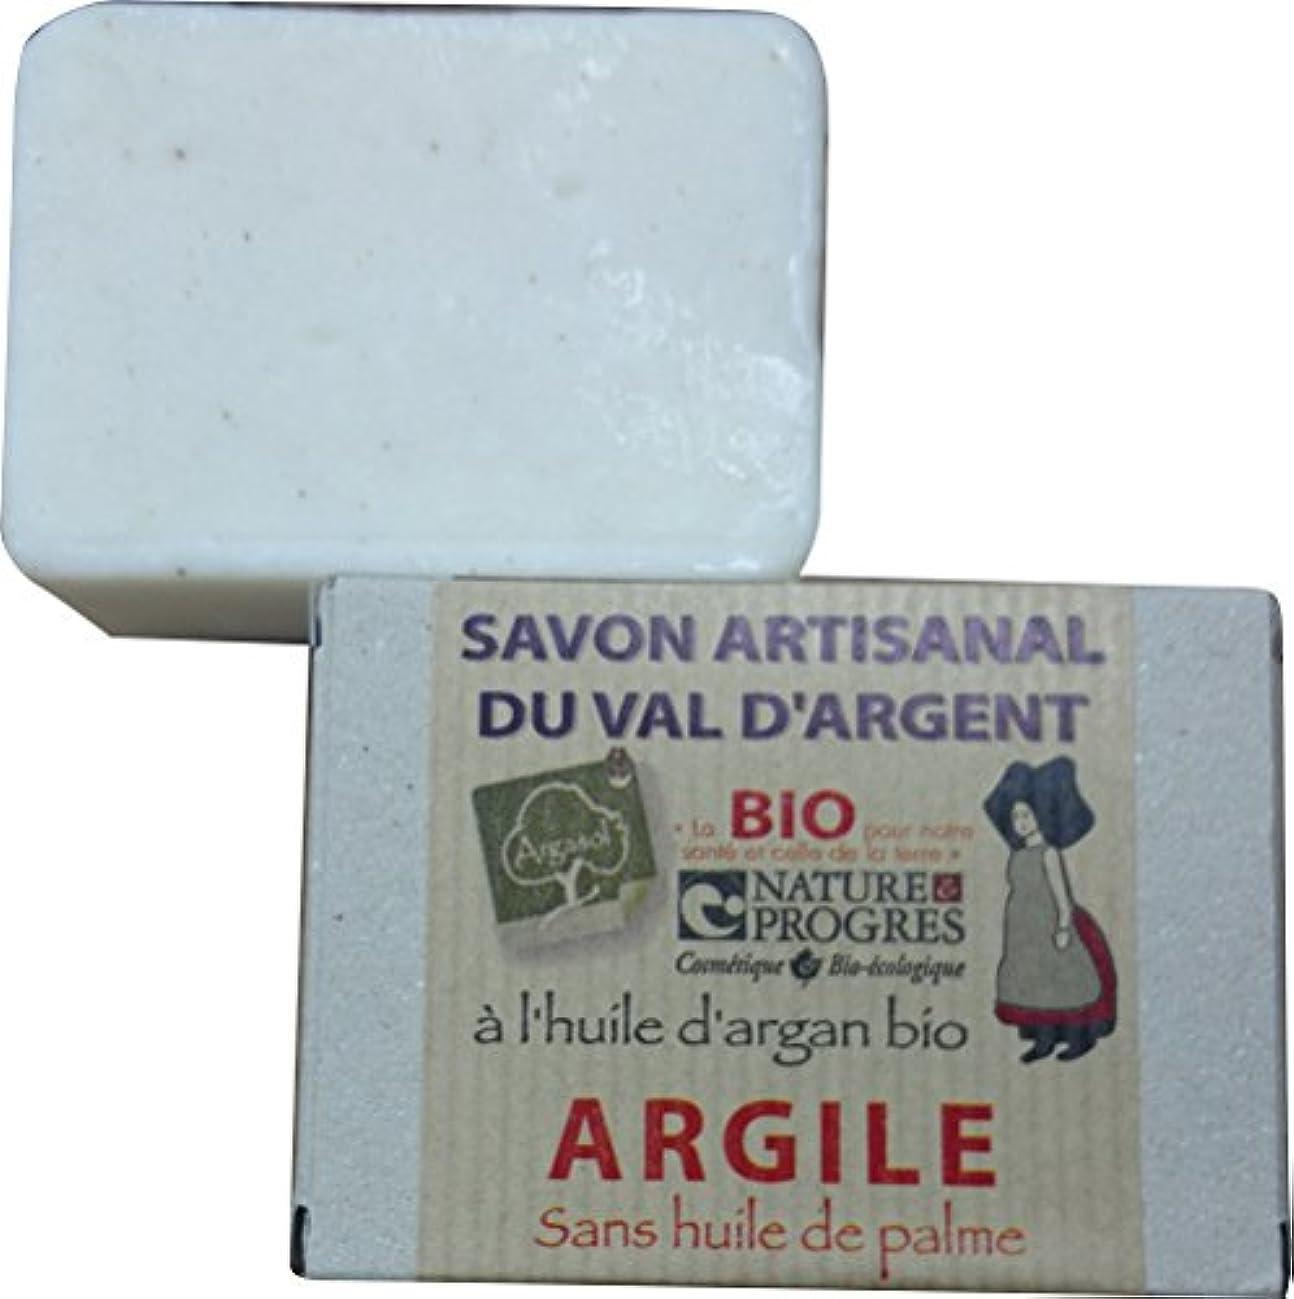 サボン アルガソル(SAVON ARGASOL) クレイ